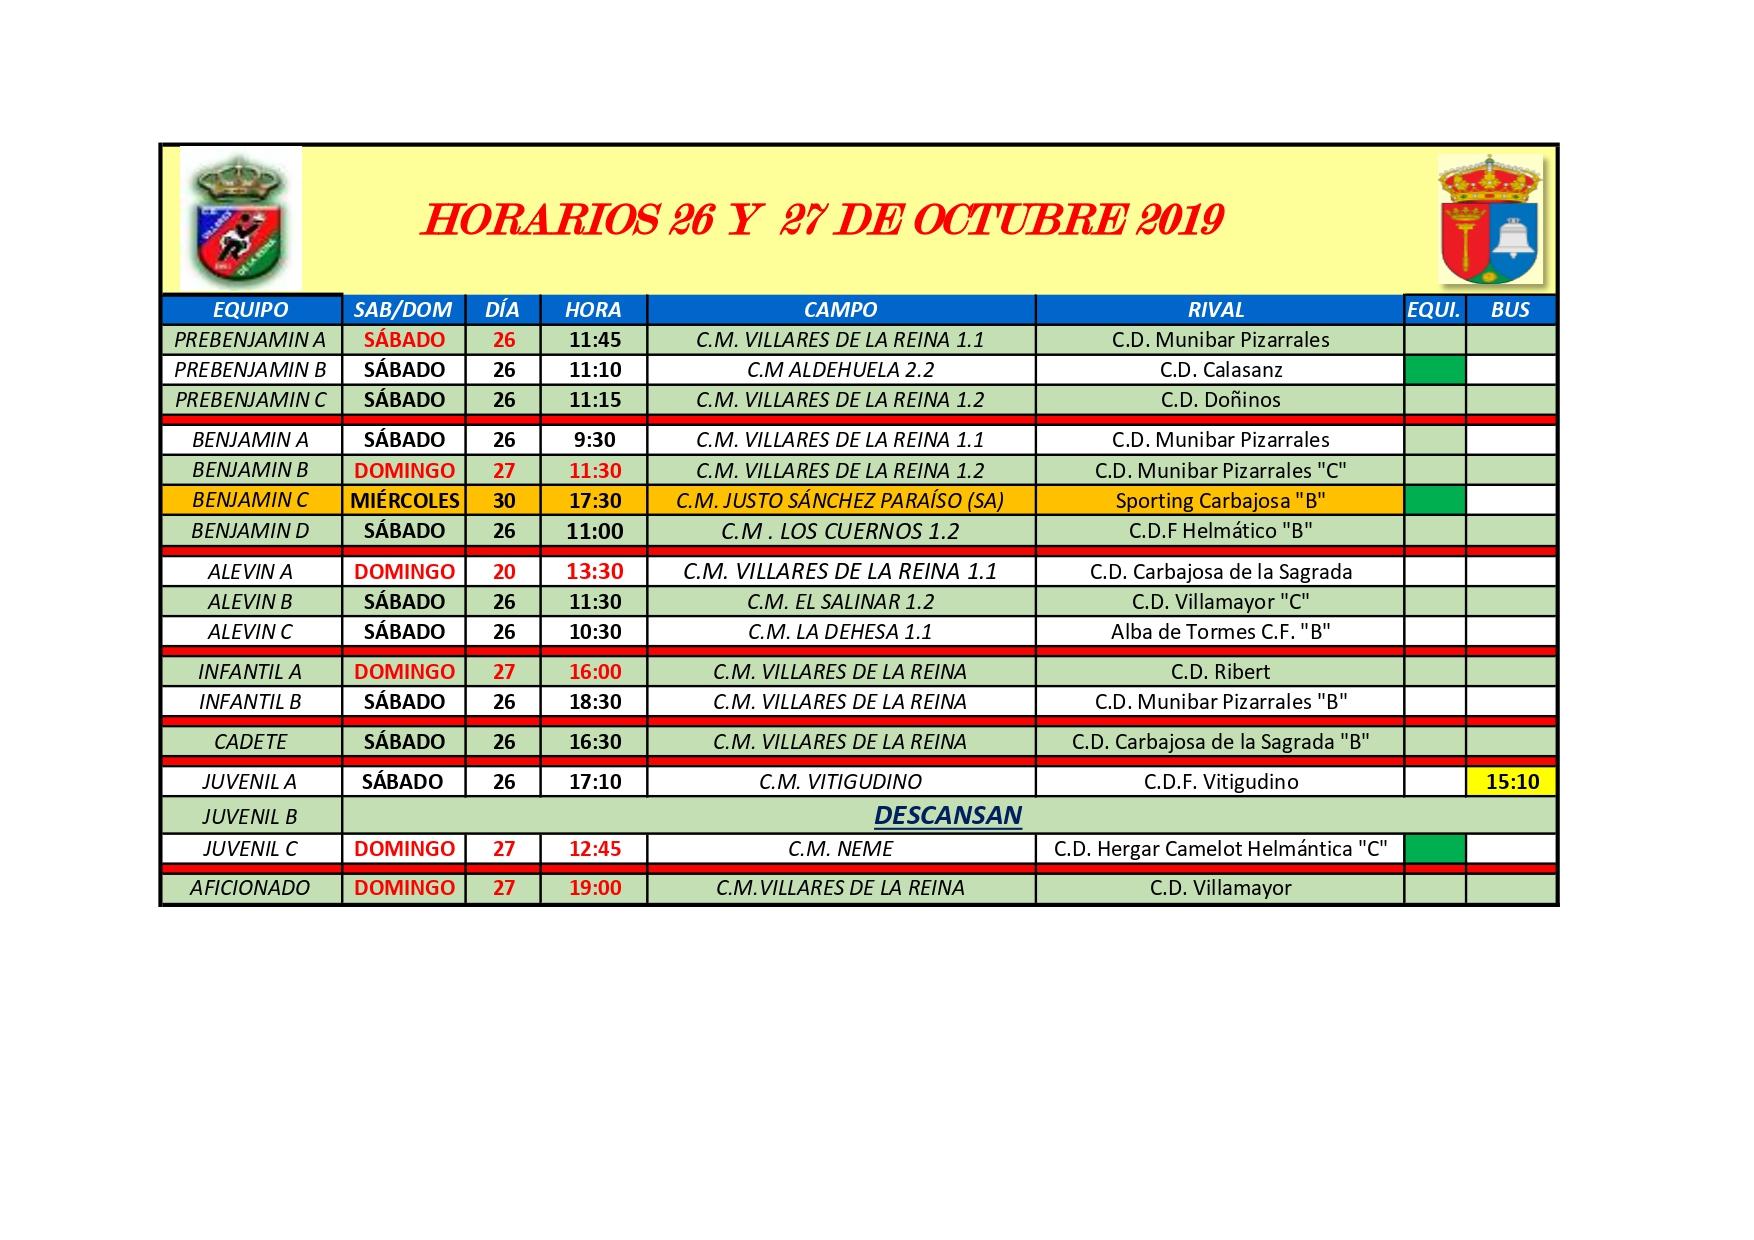 HORARIOS S�BADO 26 Y DOMINGO 27 DE OCTUBRE